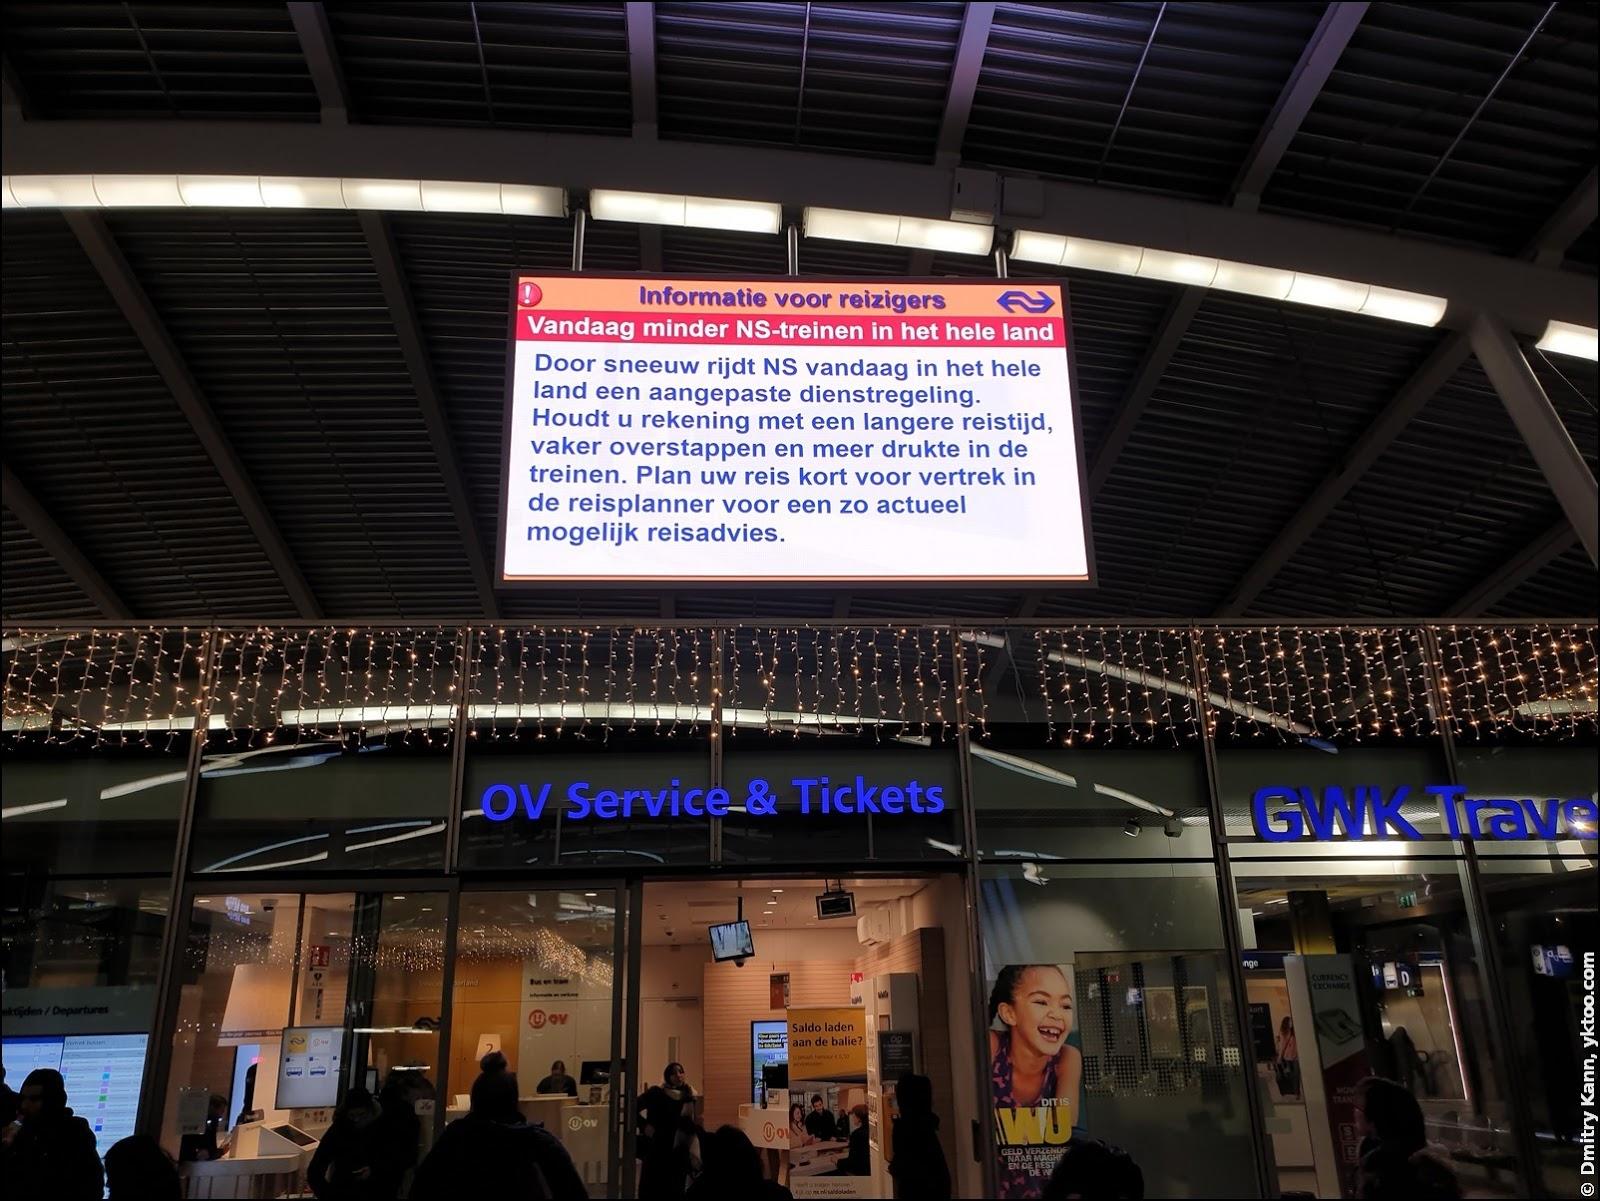 Предупреждение об изменениях в расписании поездов.